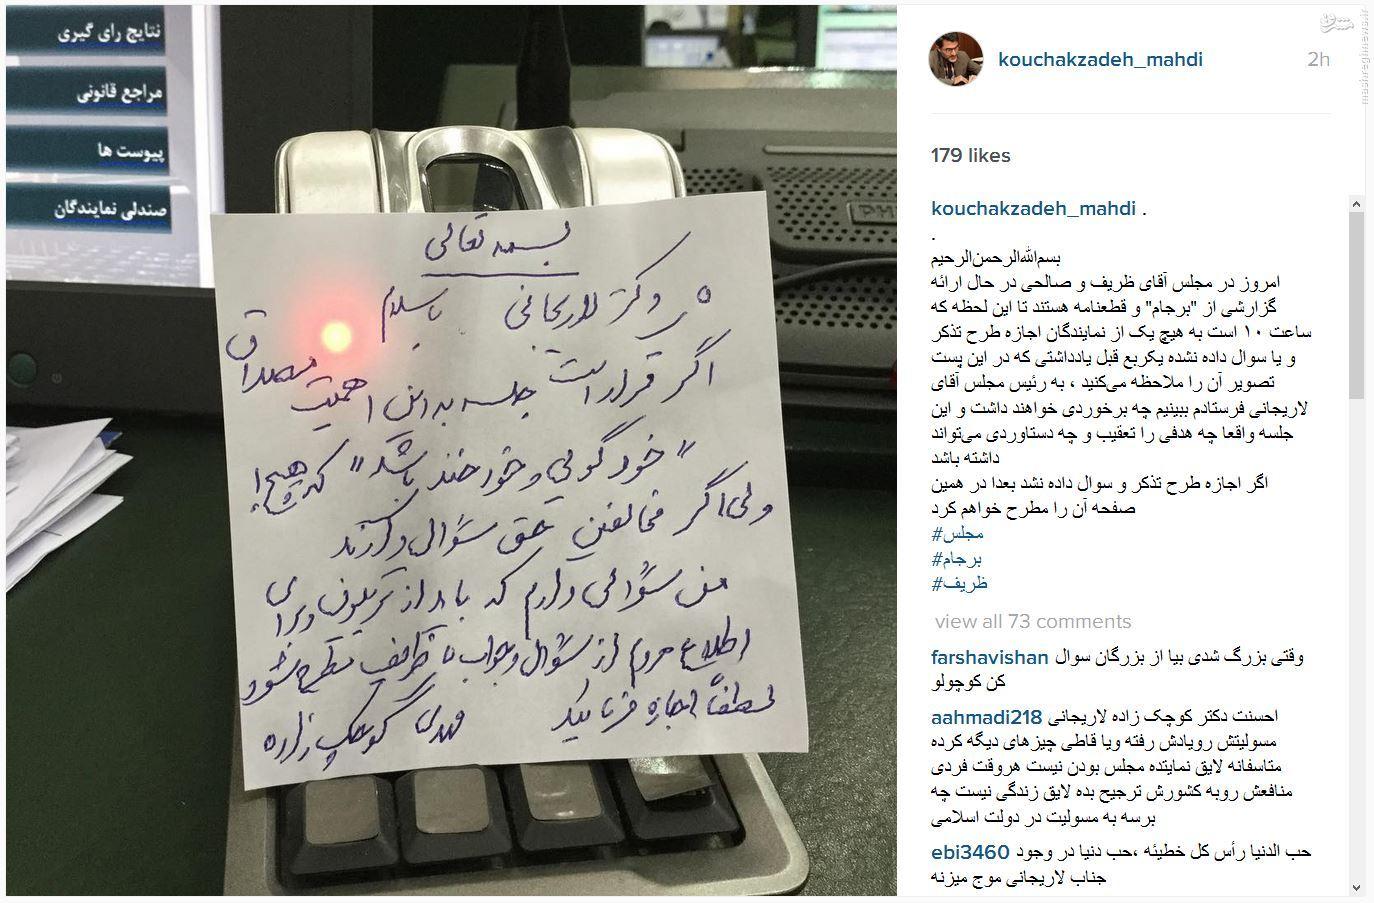 اعتراض شیک و مجلسی کوچکزاده در اینستاگرام+عکس